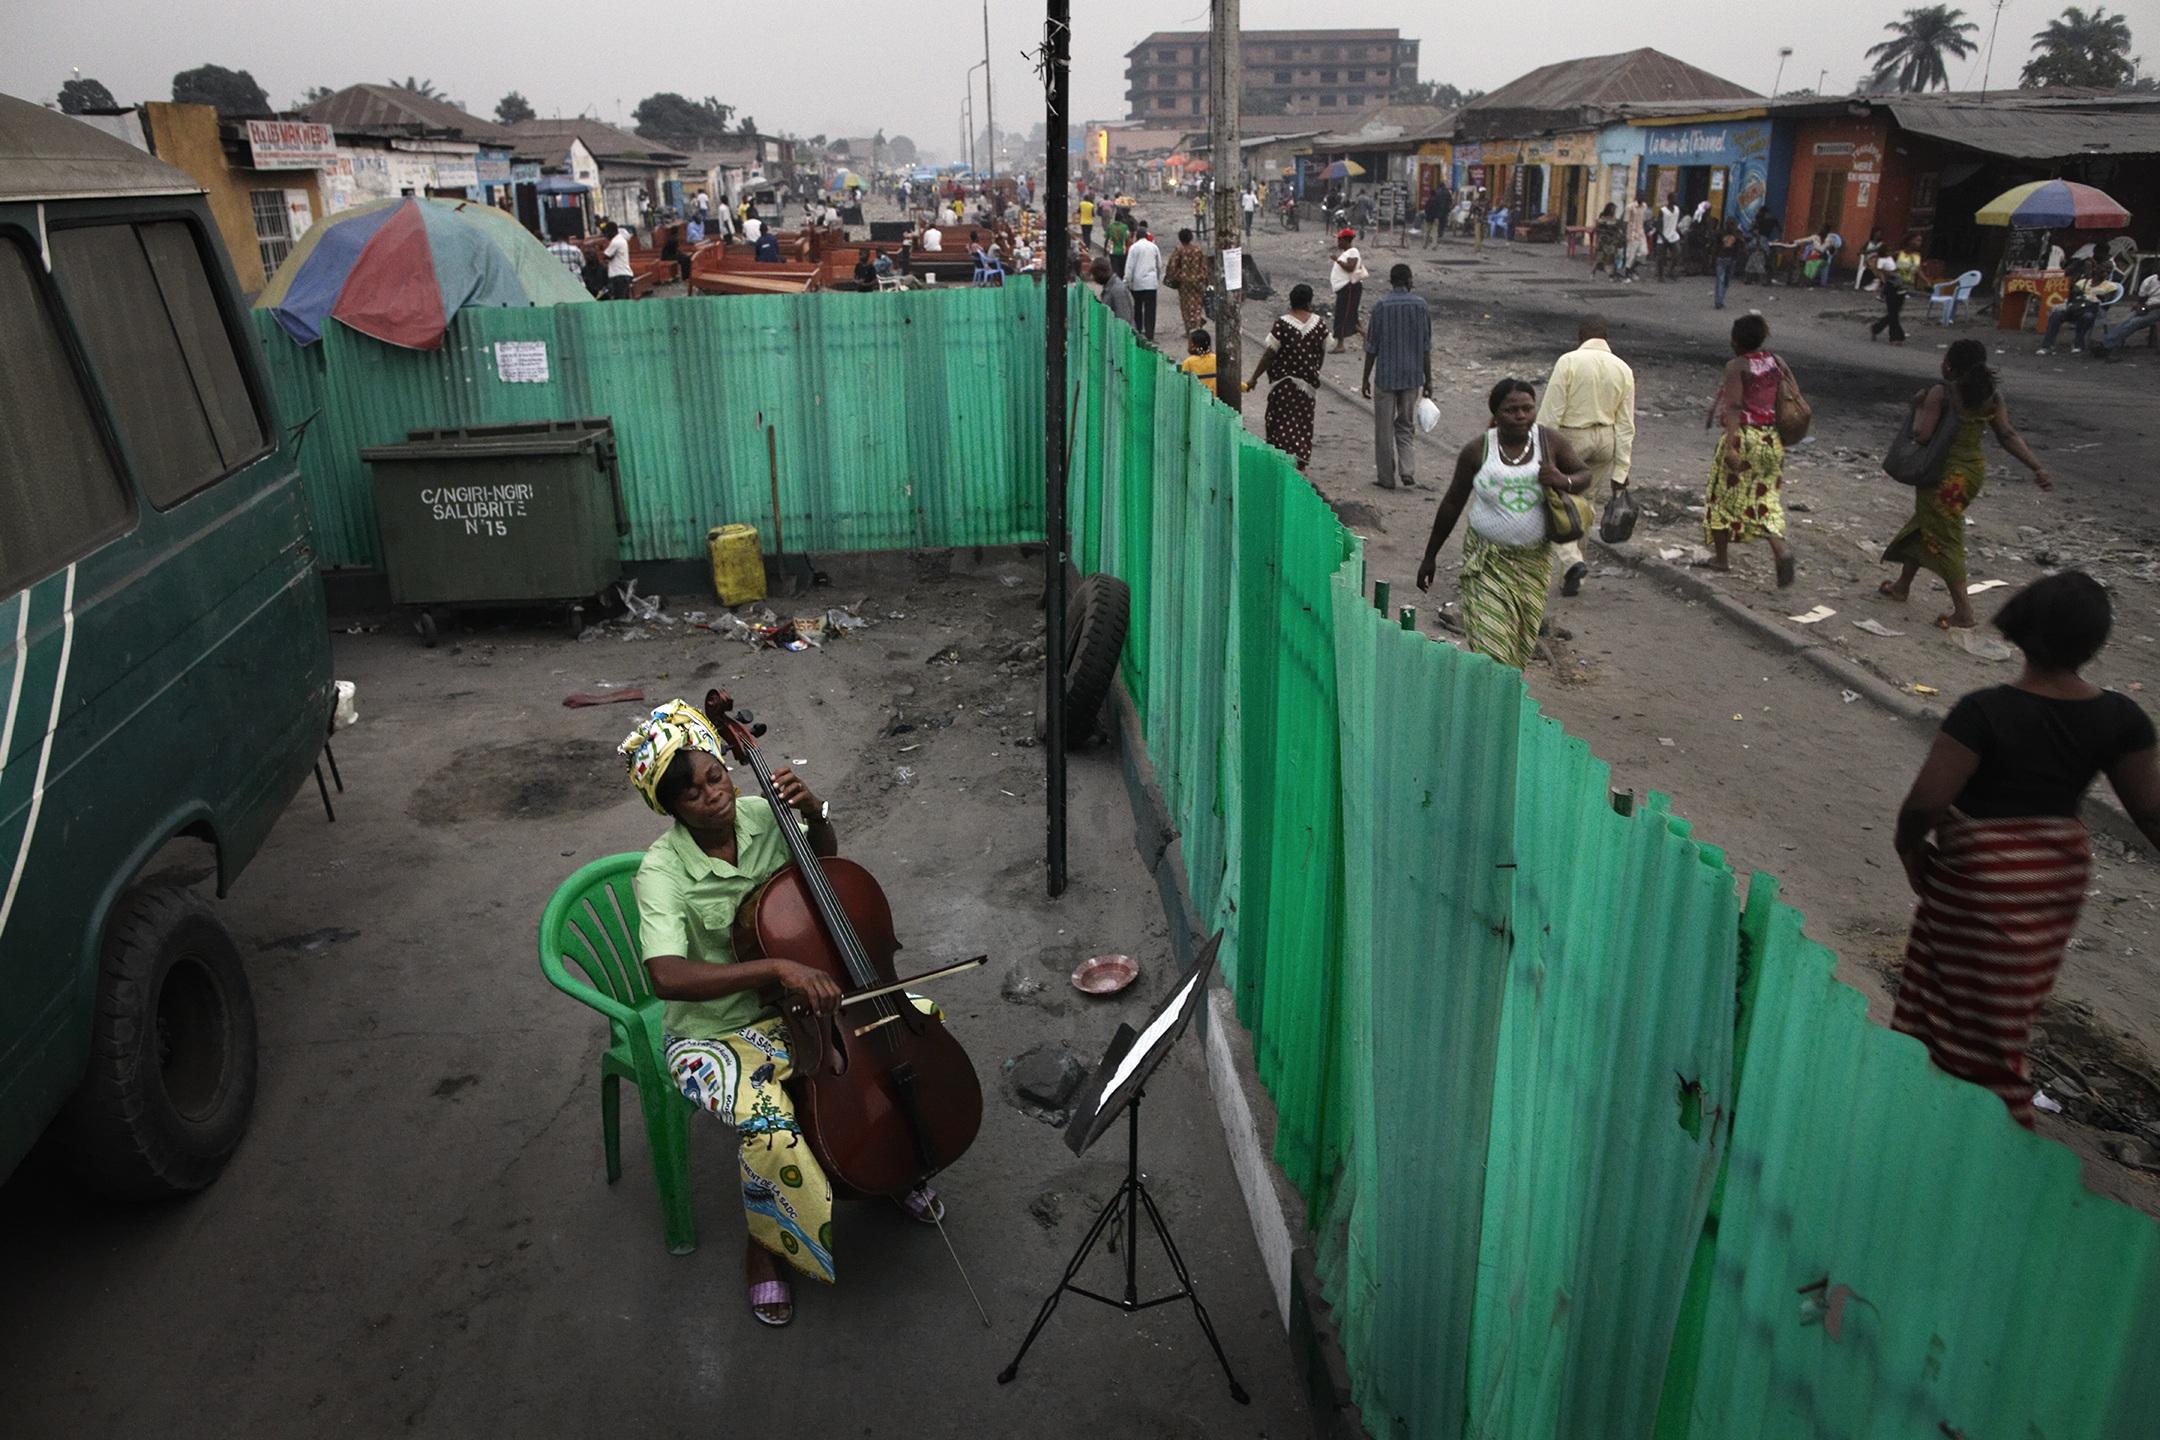 1. nagroda w kategorii Sztuki i Rozrywka - zdjęcie pojedyncze: Andrew McConnell, Ireland, Panos Pictures: Der Spiegel, Joséphine Nsimba Mpongo grająca na wiolonczeli, Kinshasa, DR Congo